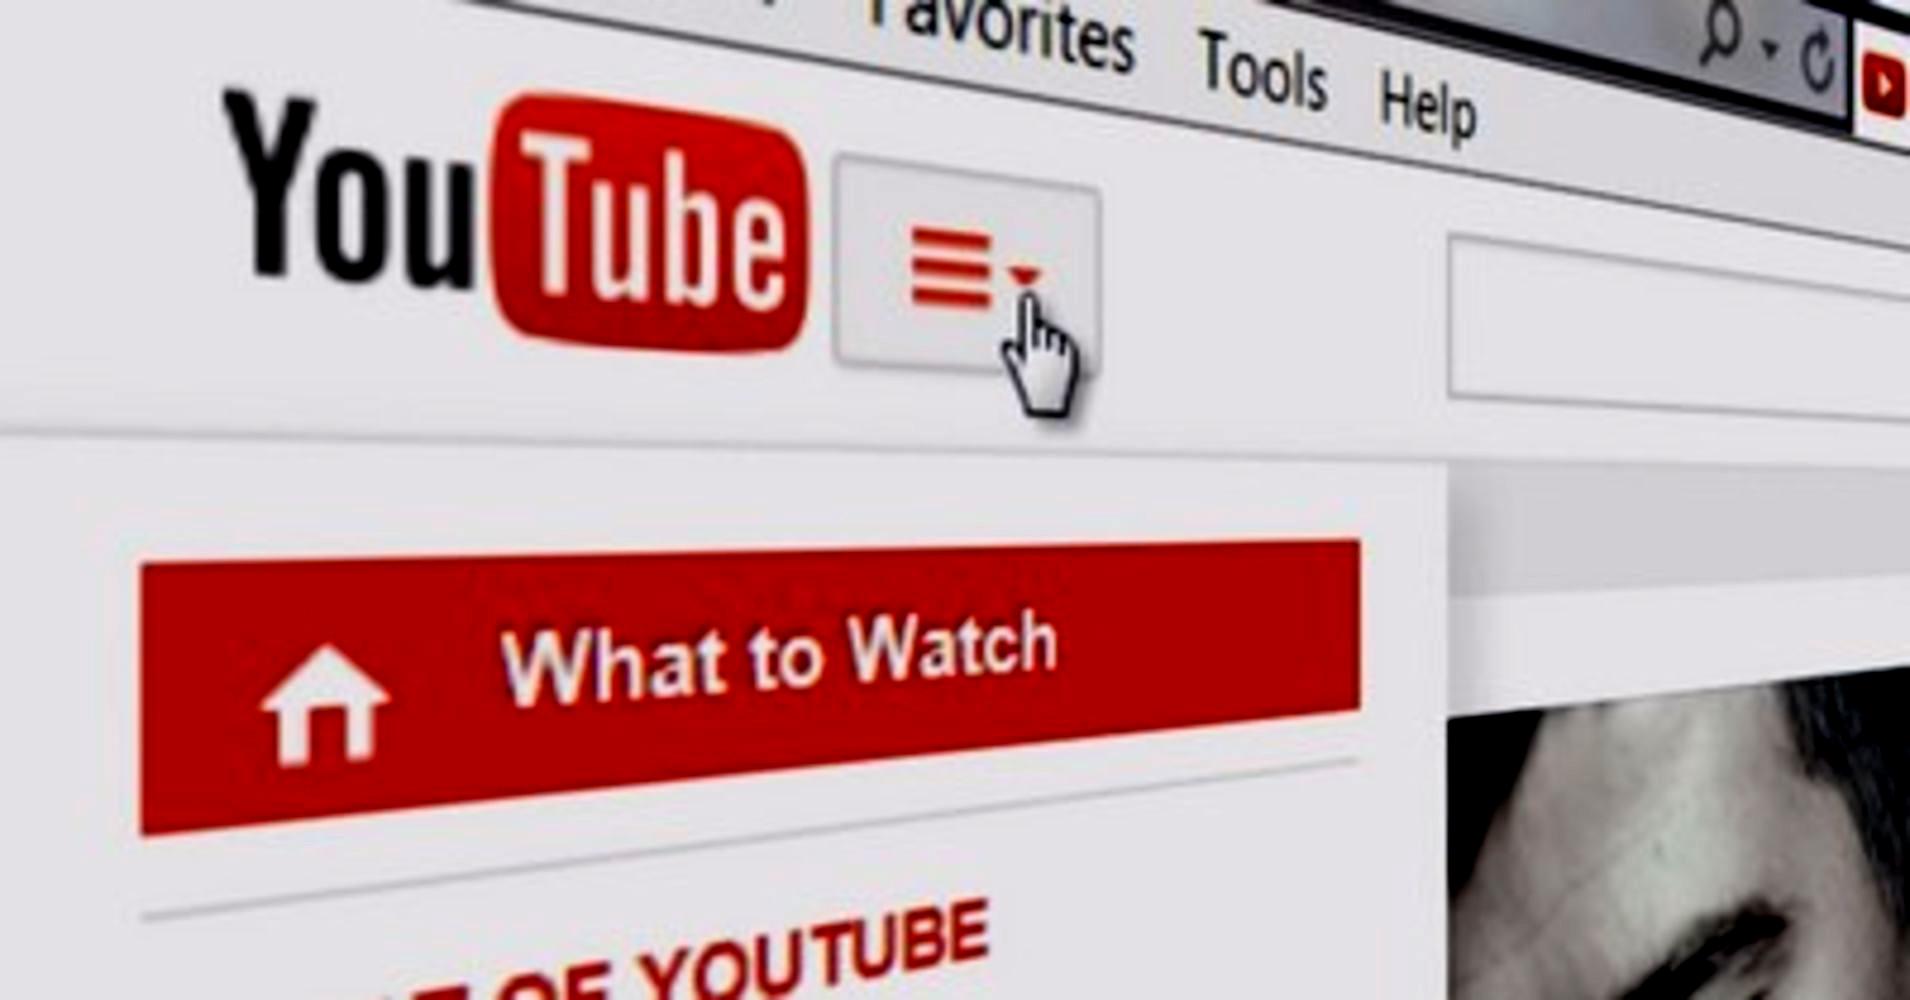 یوتیوب به دنبال بازگشت به بازار ایران با پذیرش همه ملاحظات